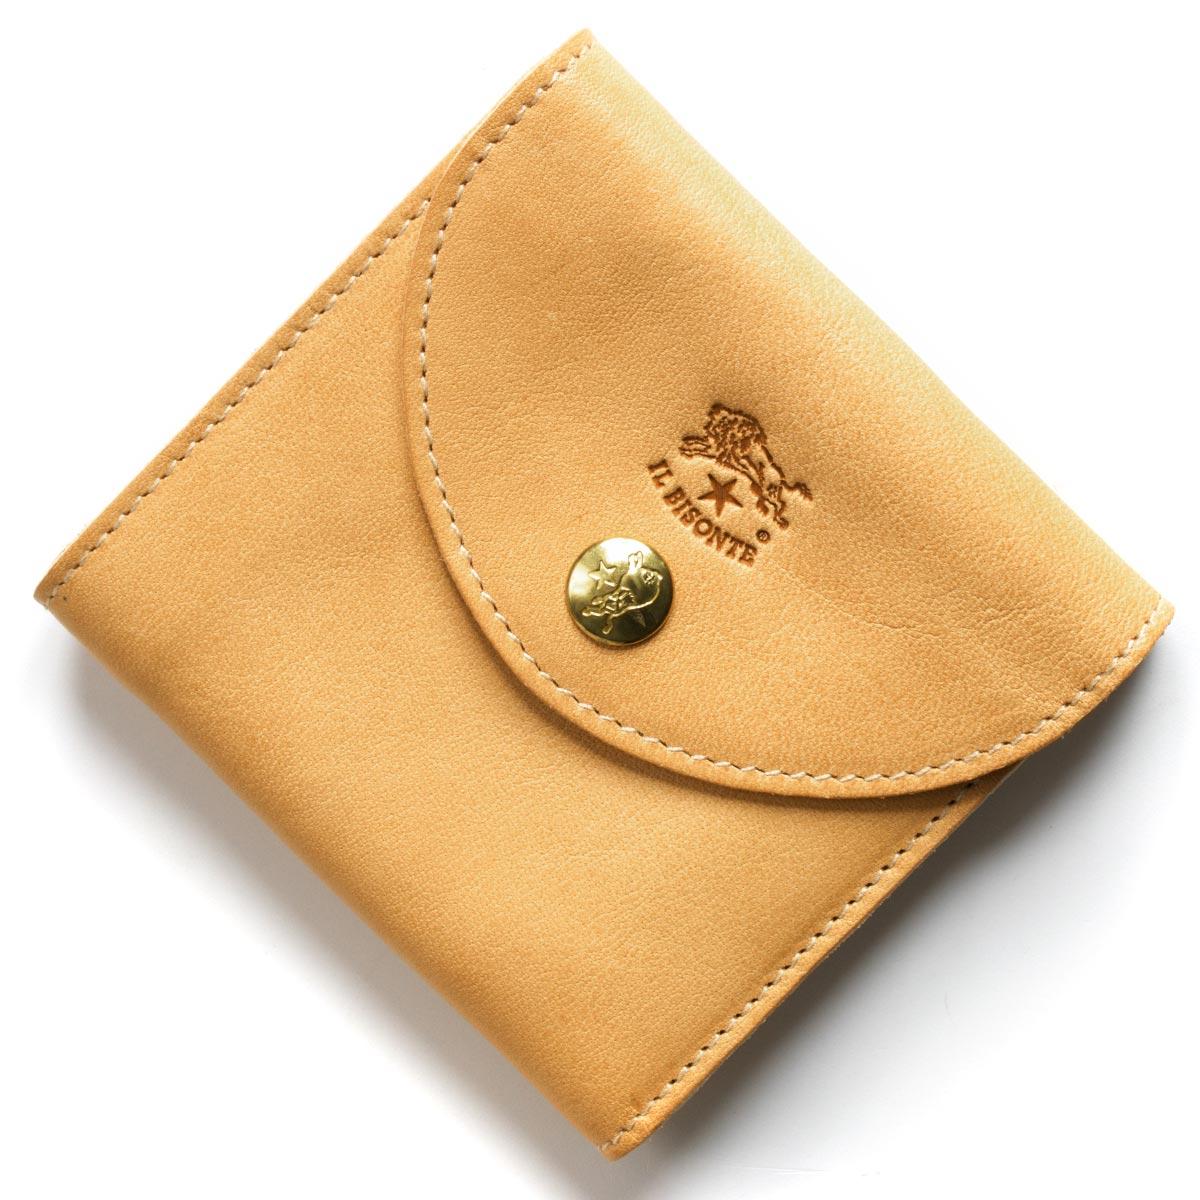 イルビゾンテ 三つ折り財布 財布 メンズ レディース スタンダード ナチュラル C1065 P 120 IL BISONTE